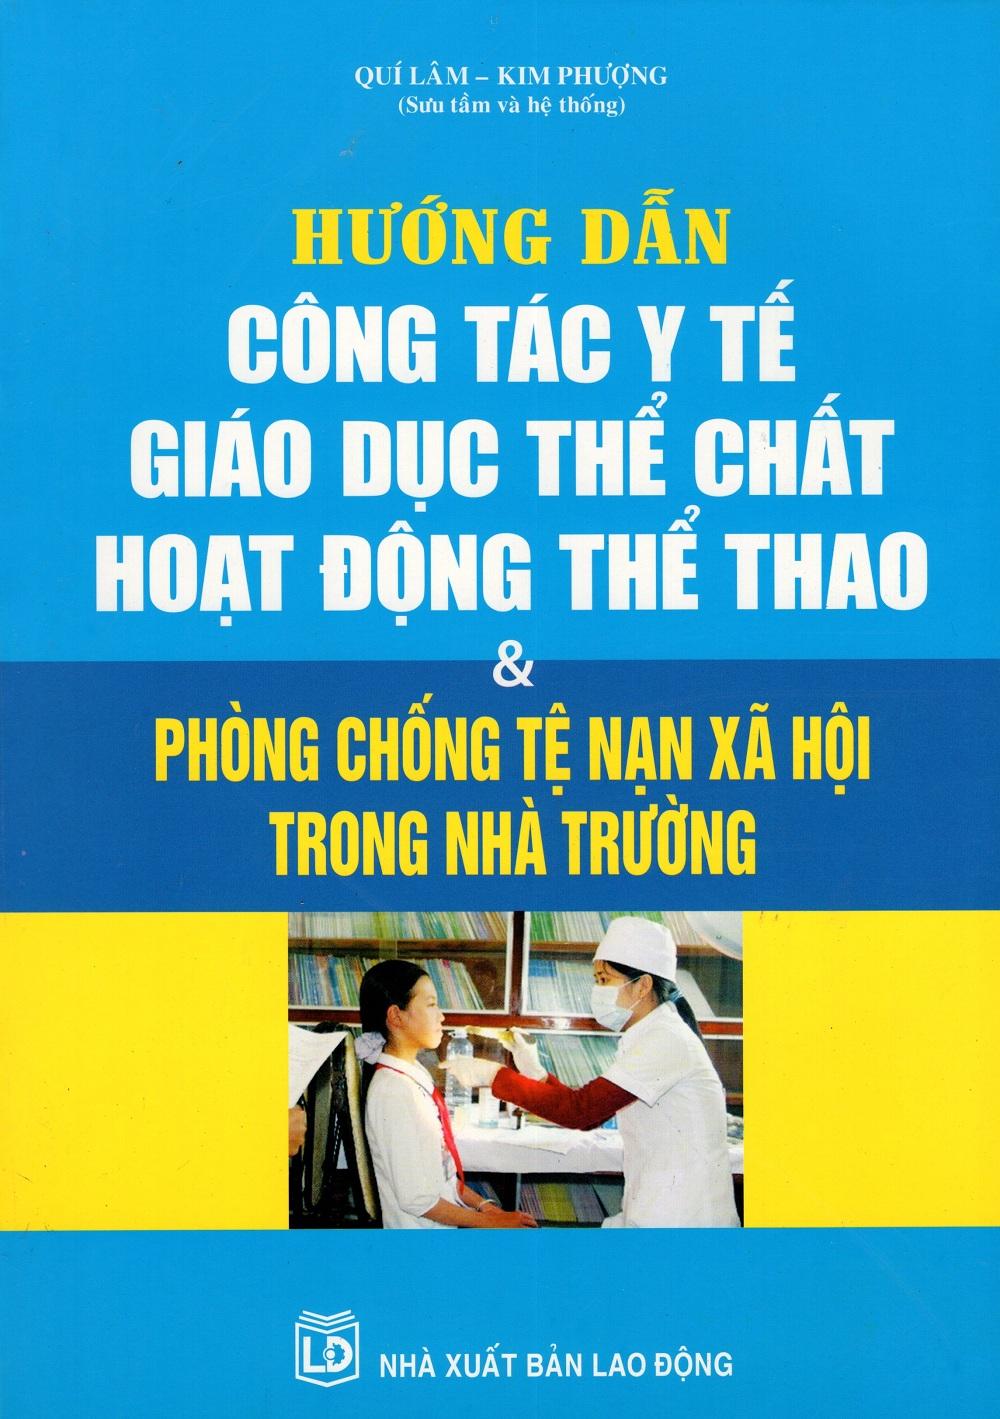 Hướng Dẫn Công Tác Y Tế Giáo Dục Thể Chất Hoạt Động Thể Thao  Phòng Chống Tệ Nạn Xã Hội Trong Nhà Trường - 2616735848480,62_717238,335000,tiki.vn,Huong-Dan-Cong-Tac-Y-Te-Giao-Duc-The-Chat-Hoat-Dong-The-Thao-Phong-Chong-Te-Nan-Xa-Hoi-Trong-Nha-Truong-62_717238,Hướng Dẫn Công Tác Y Tế Giáo Dục Thể Chất Hoạt Động Thể Thao  Phòng Chống Tệ Nạn Xã Hội Trong Nhà Trườ